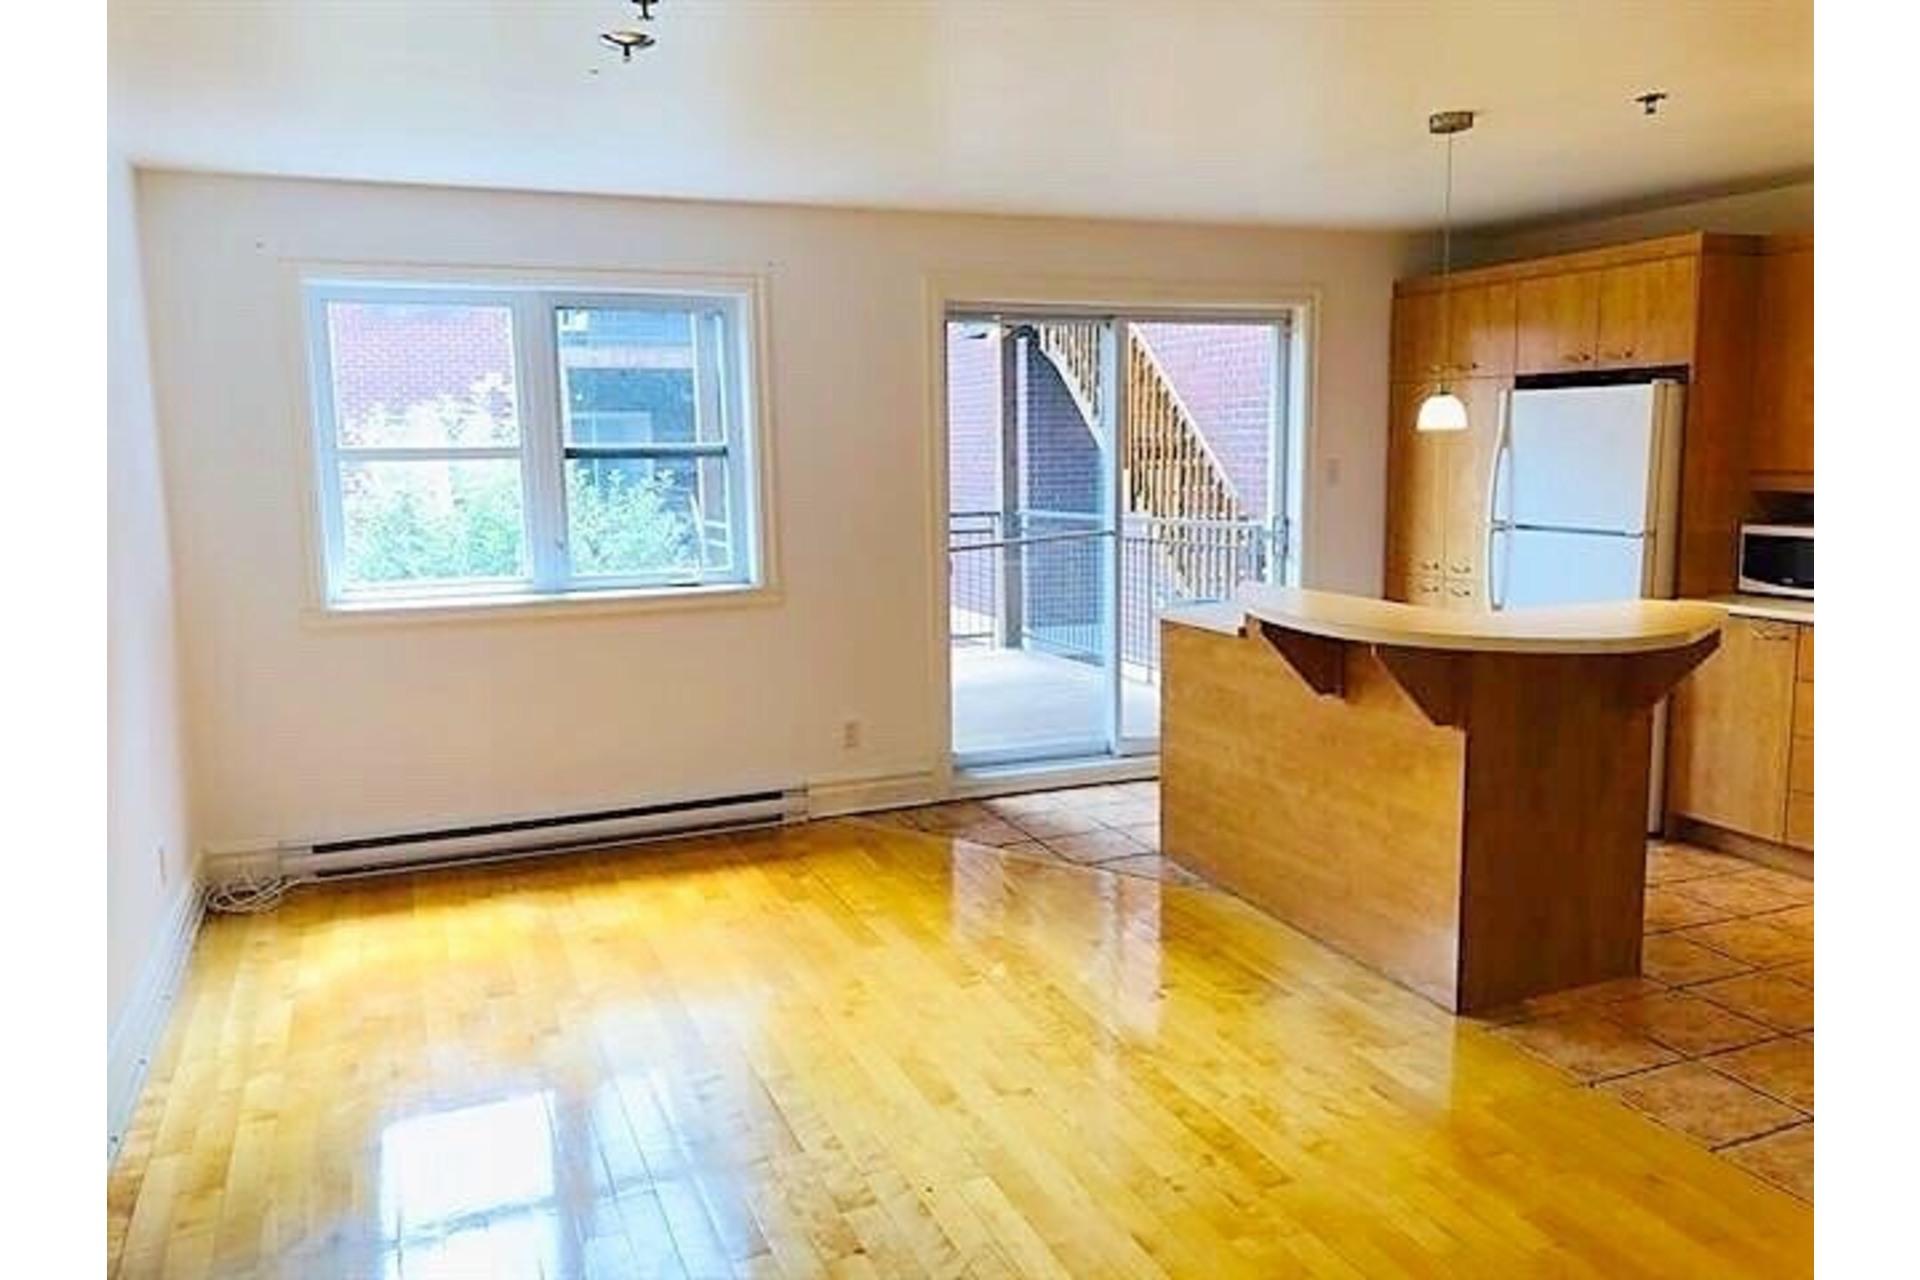 image 5 - Apartment For rent Ville-Marie Montréal  - 9 rooms